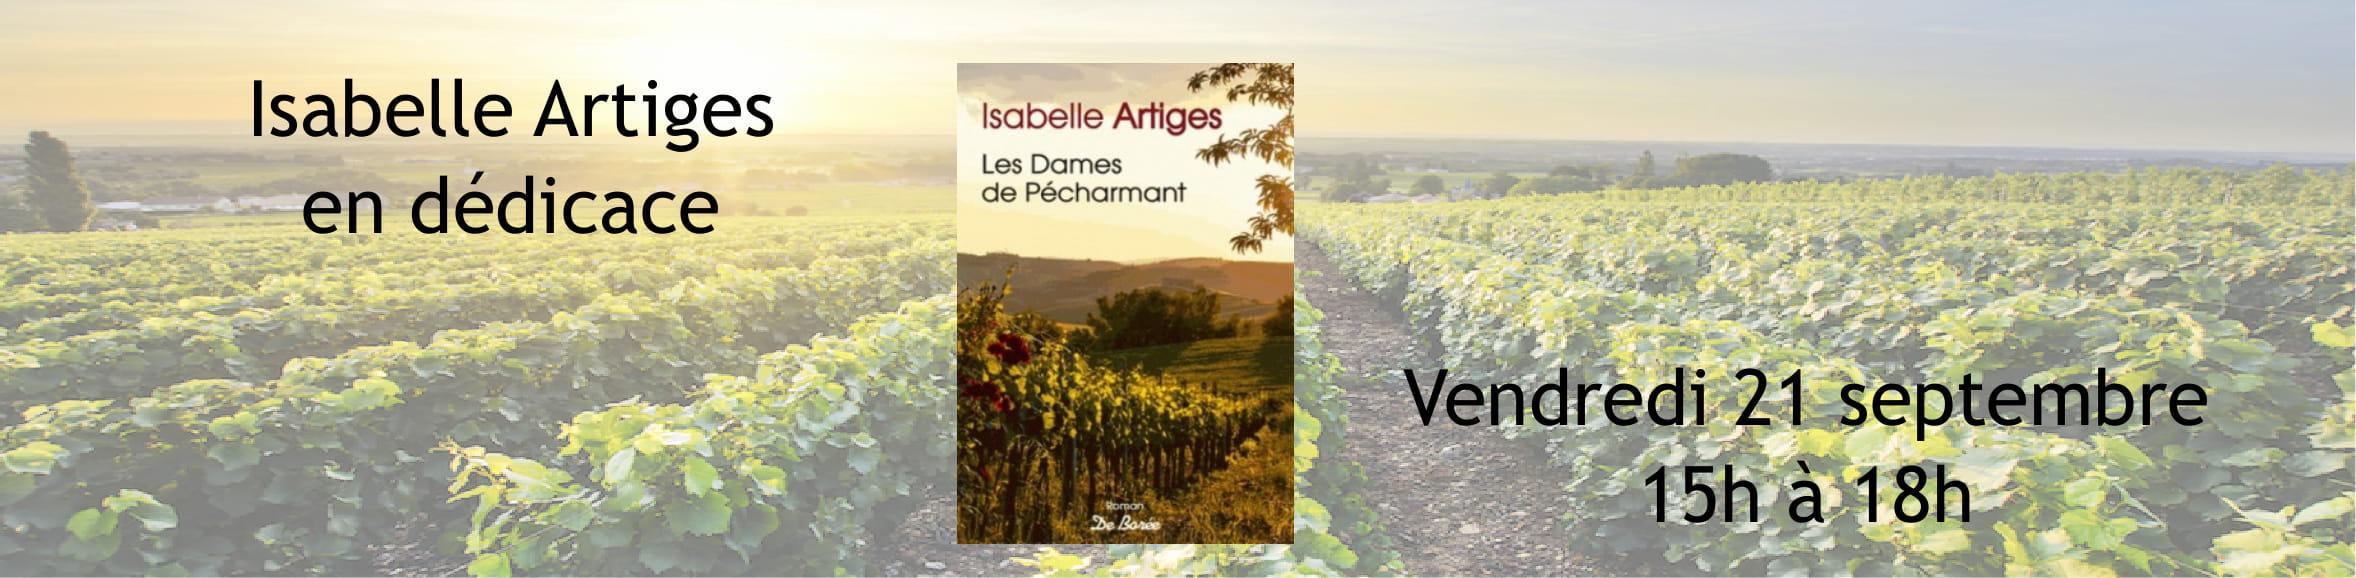 Isabelle Artiges